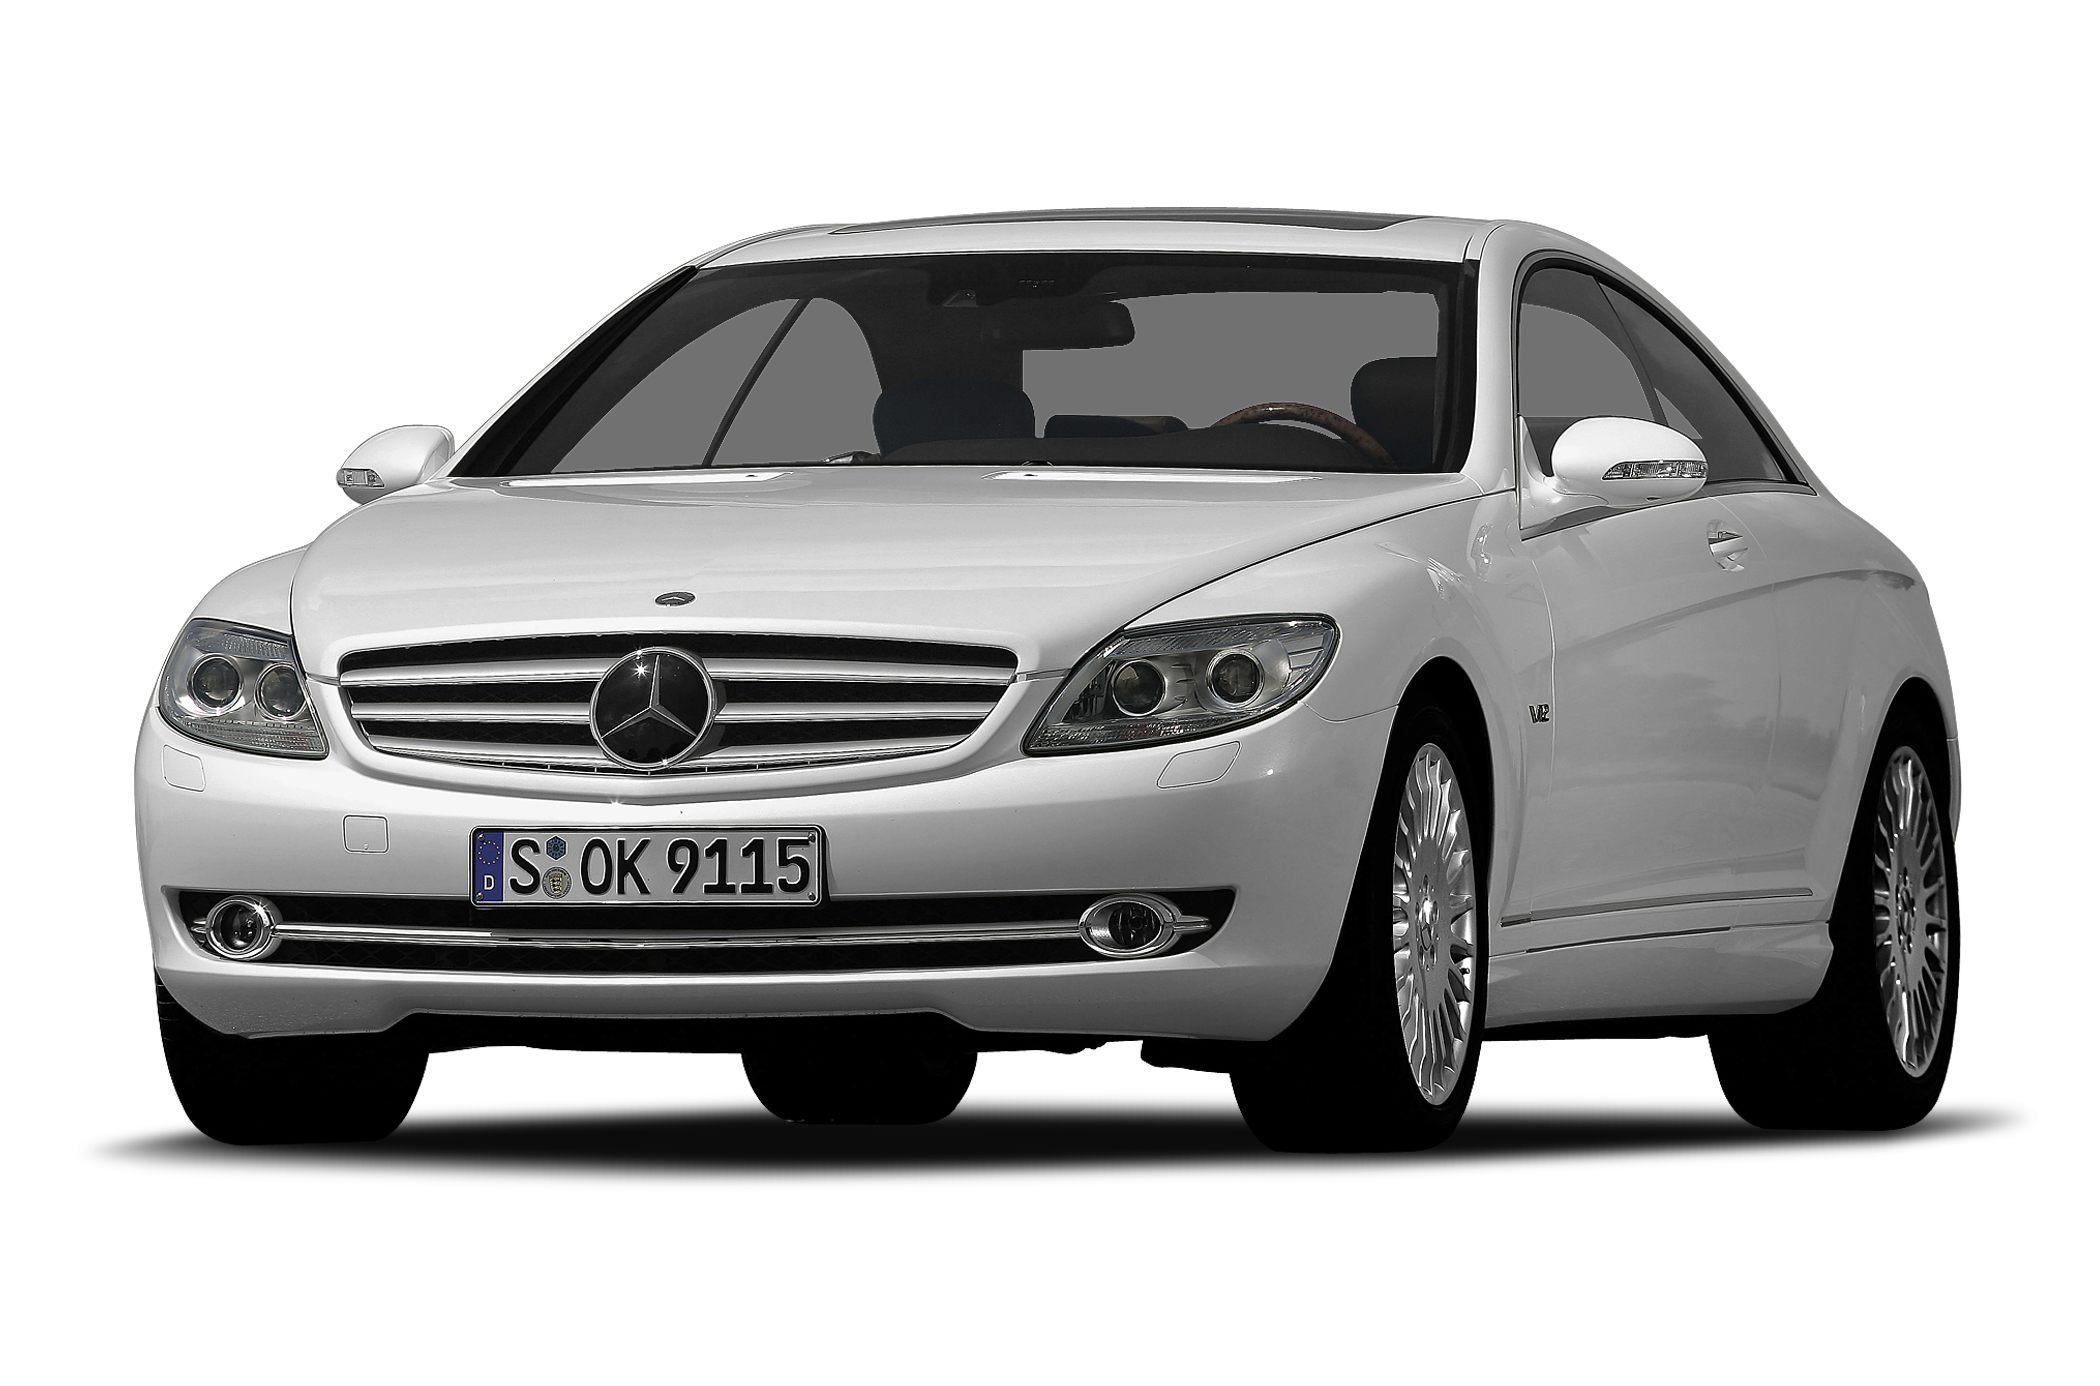 2009 Mercedes Benz CL Class Information